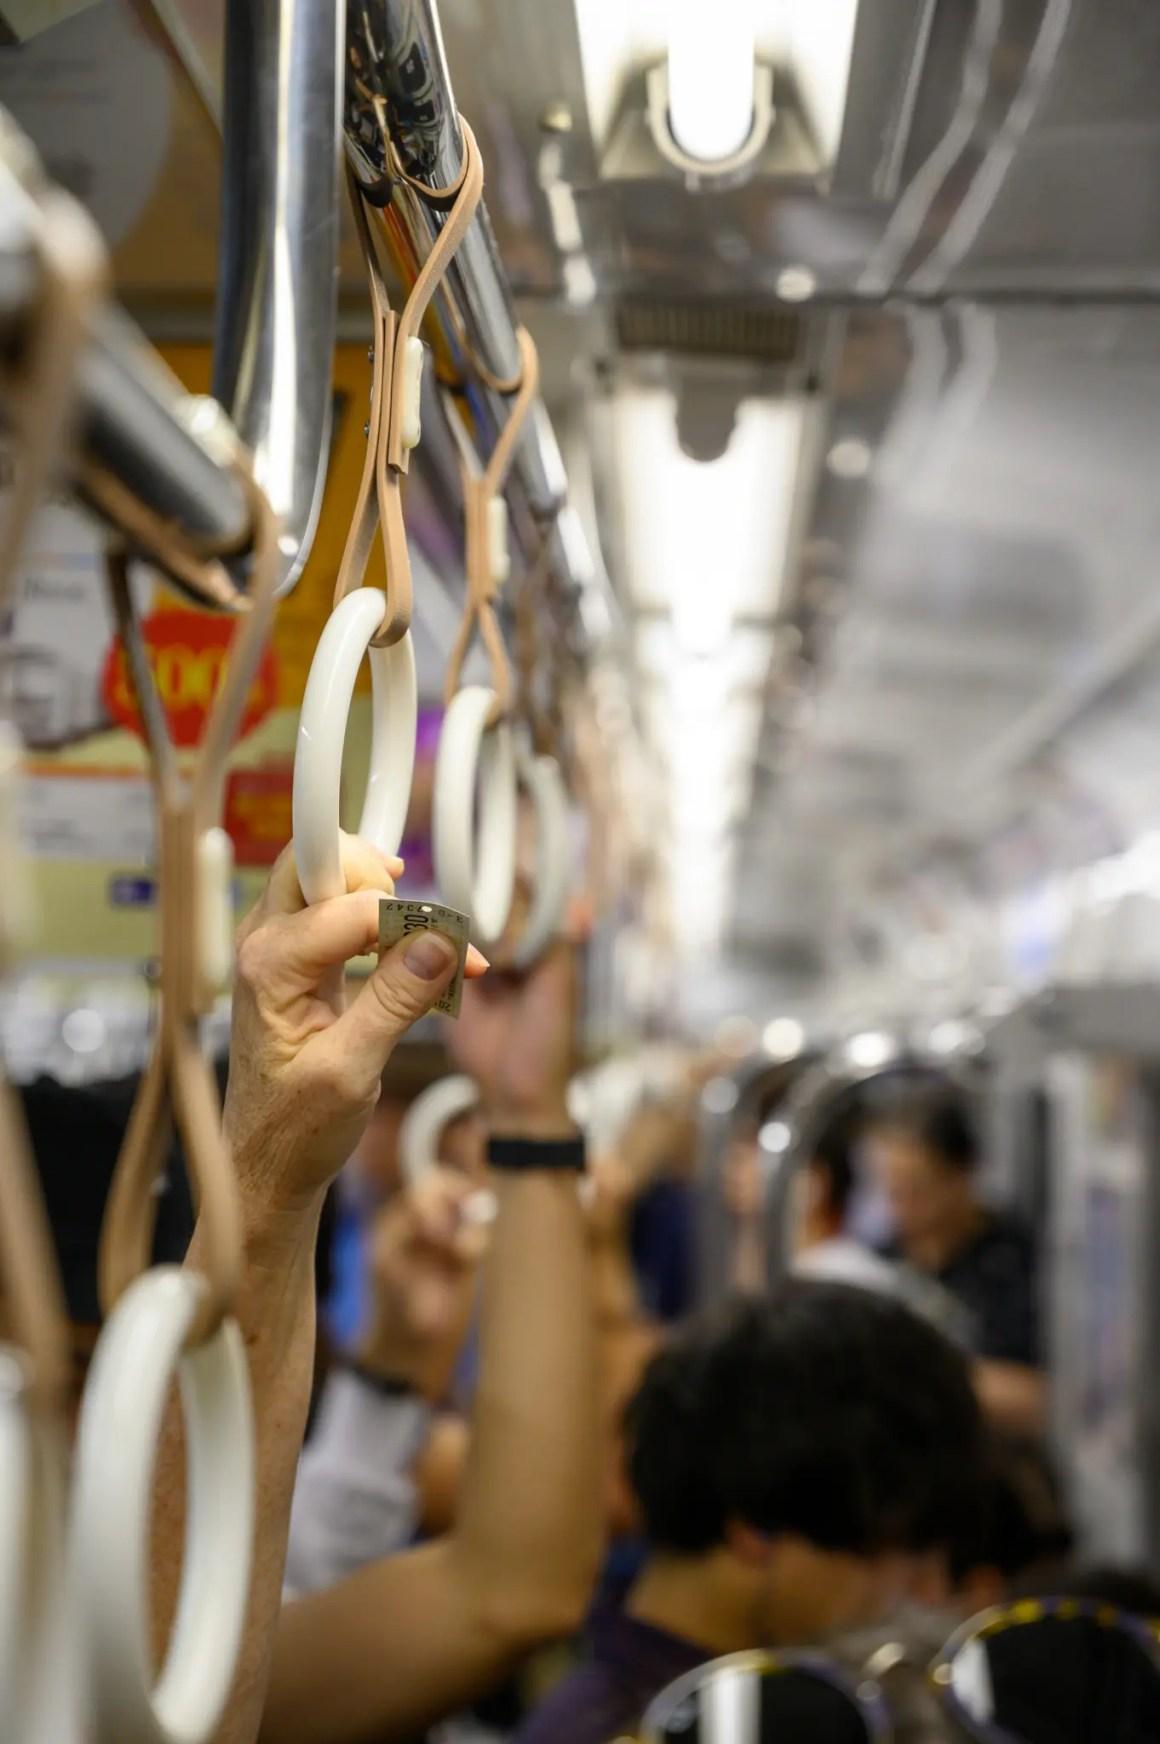 Metro rit in Osaka in Japan